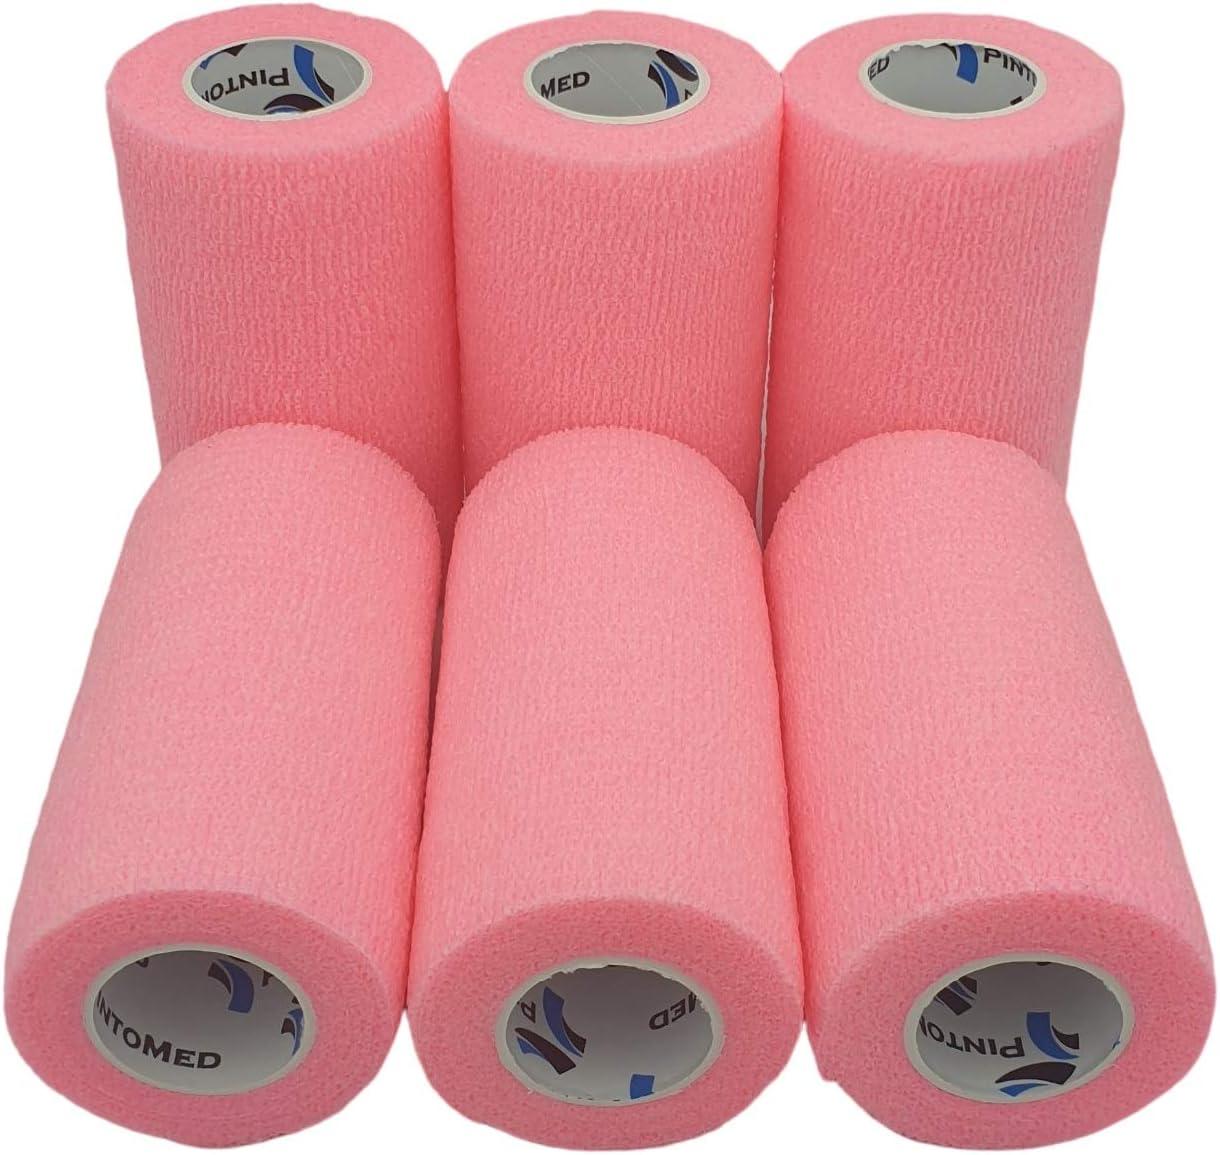 Venda Cohesiva Rosa 6 rollos x 10 cm x 4,5 m autoadhesivo flexible vendaje, calidad profesional, primeros auxilios, lesiones de los deportes, rodillos embalados individualmente - Pack de 6